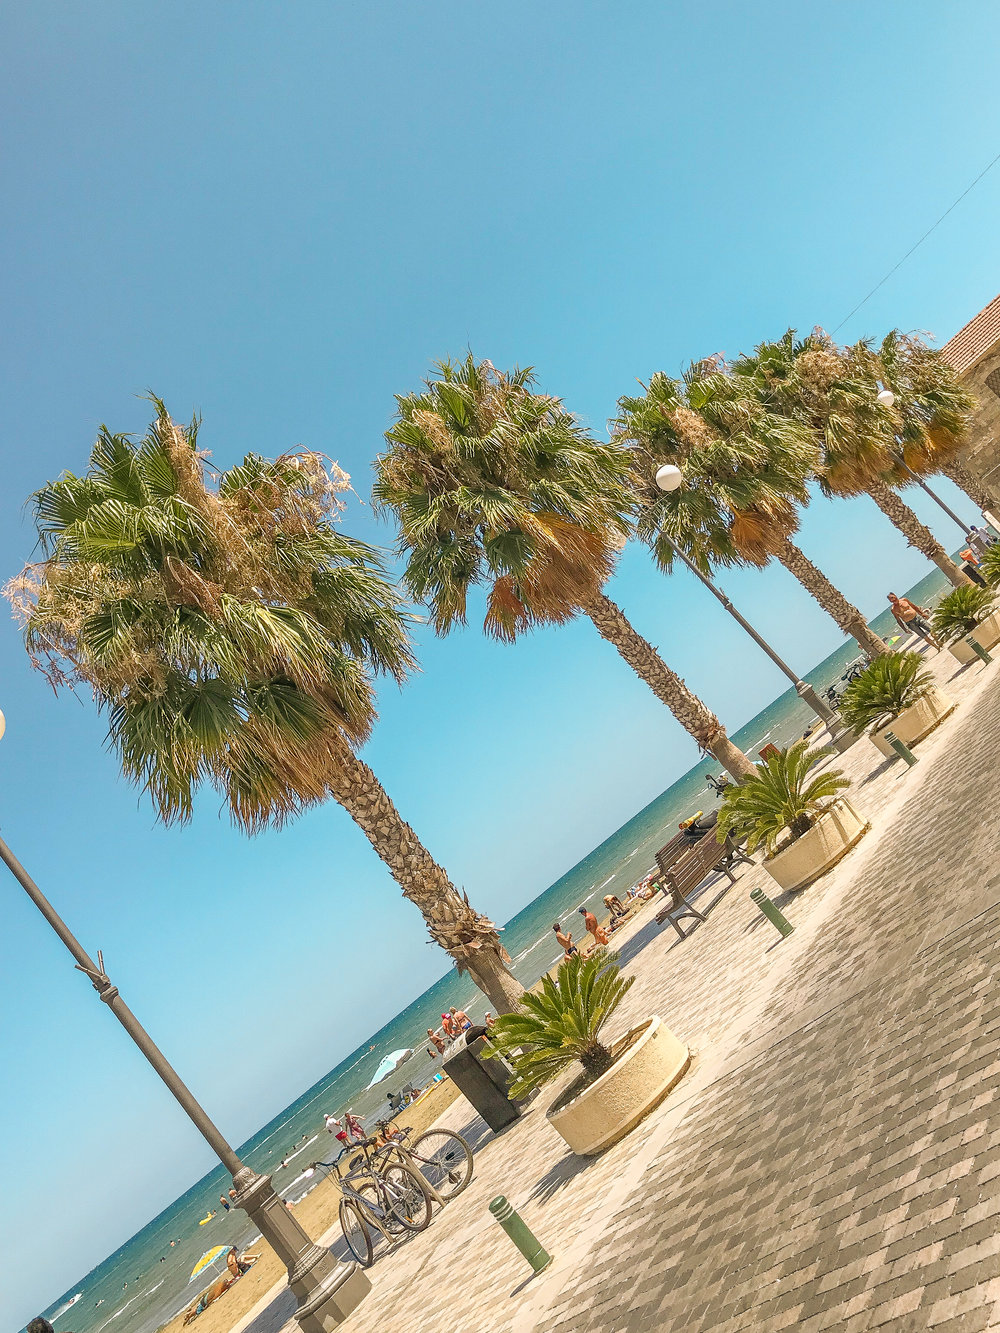 Public beach Larnaca Cyprus www.lindahaggh.com.jpg